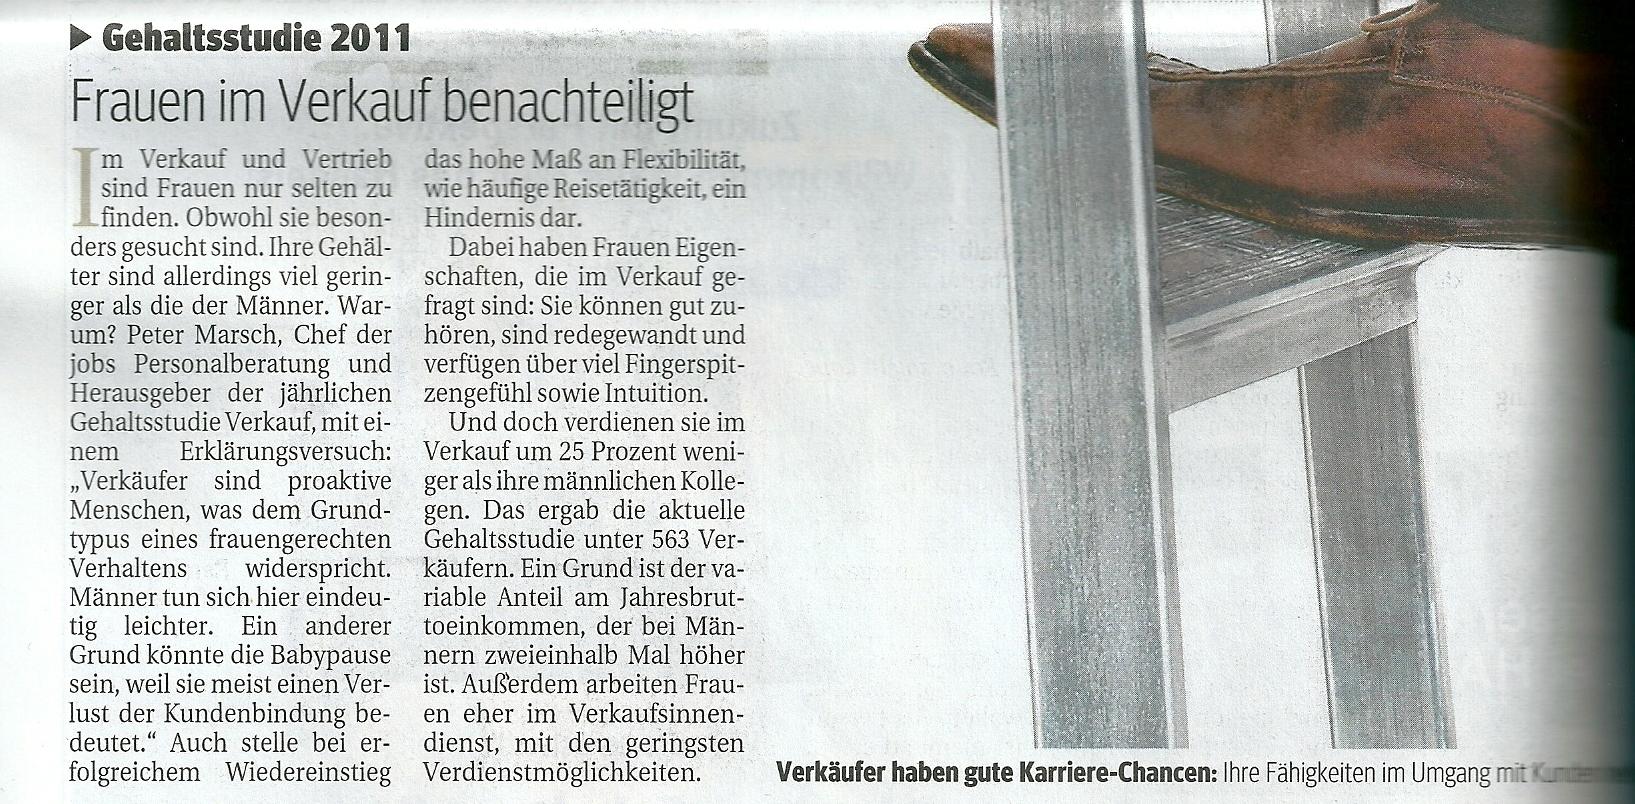 Frauen im Verkauf benachteiligt Kurier Sa. 18.06.2011